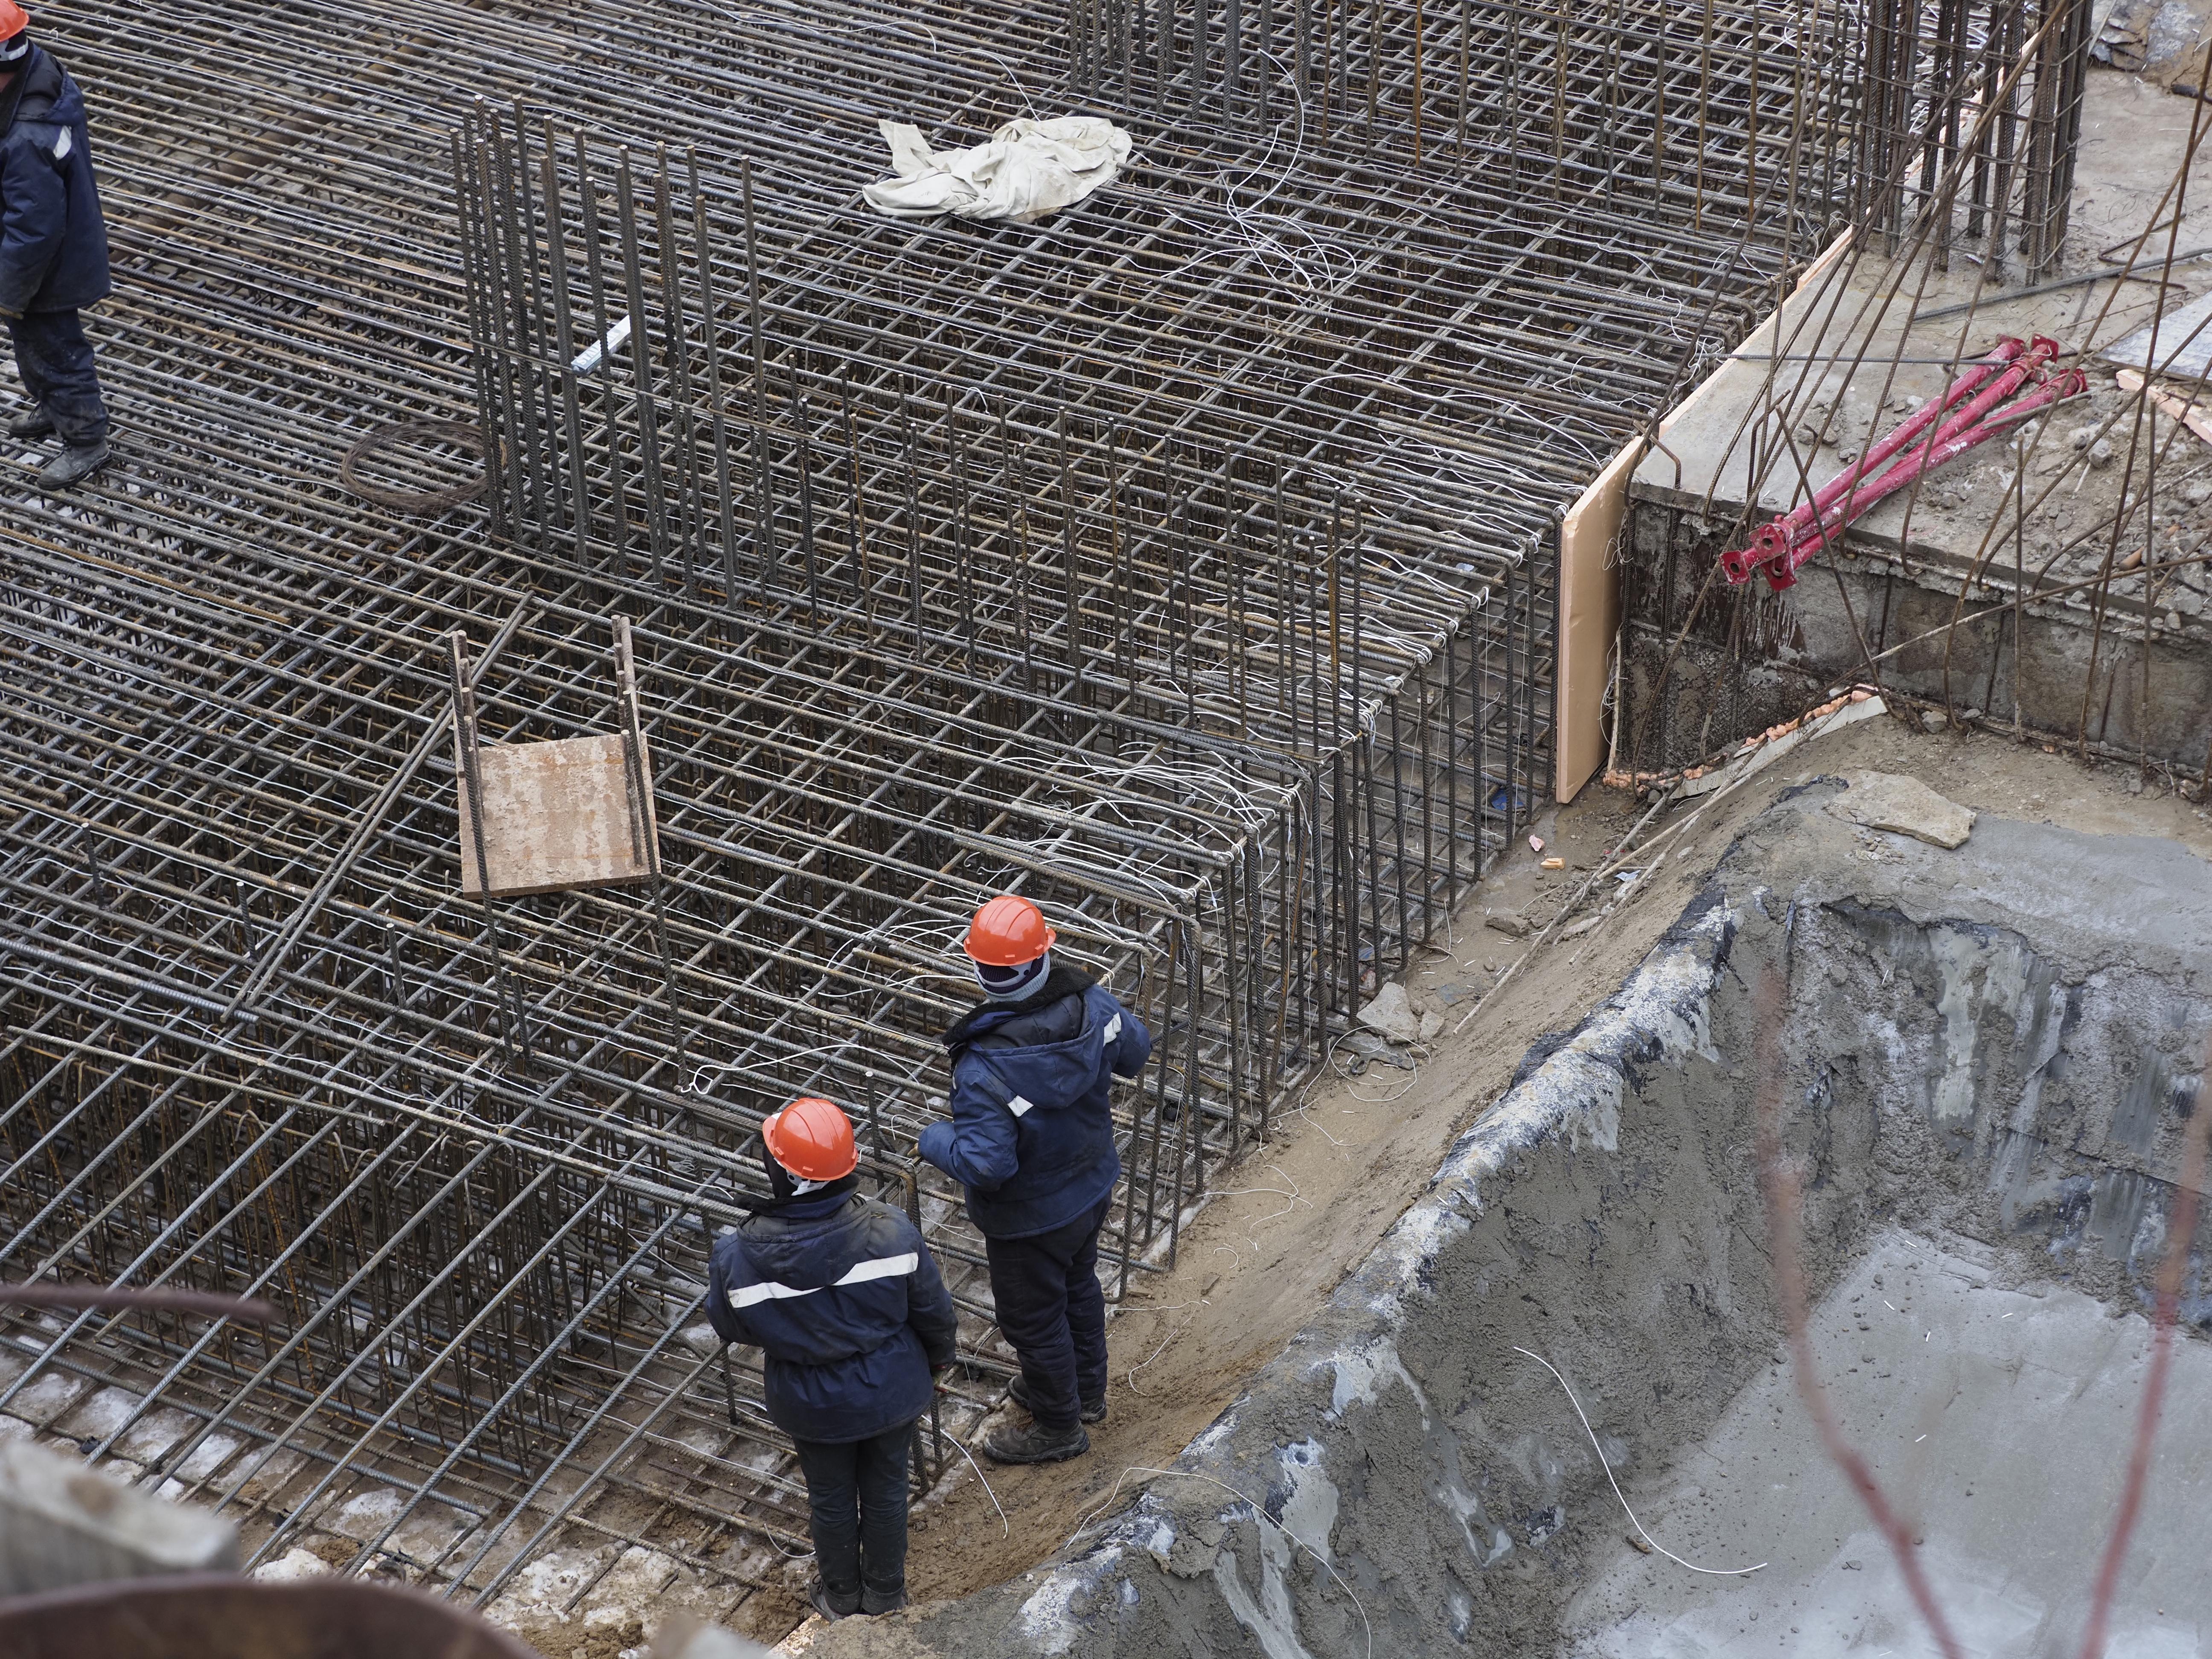 Строительство 17 медучреждений запланировали в Новой Москве. Фото: Антон Гердо, «Вечерняя Москва»